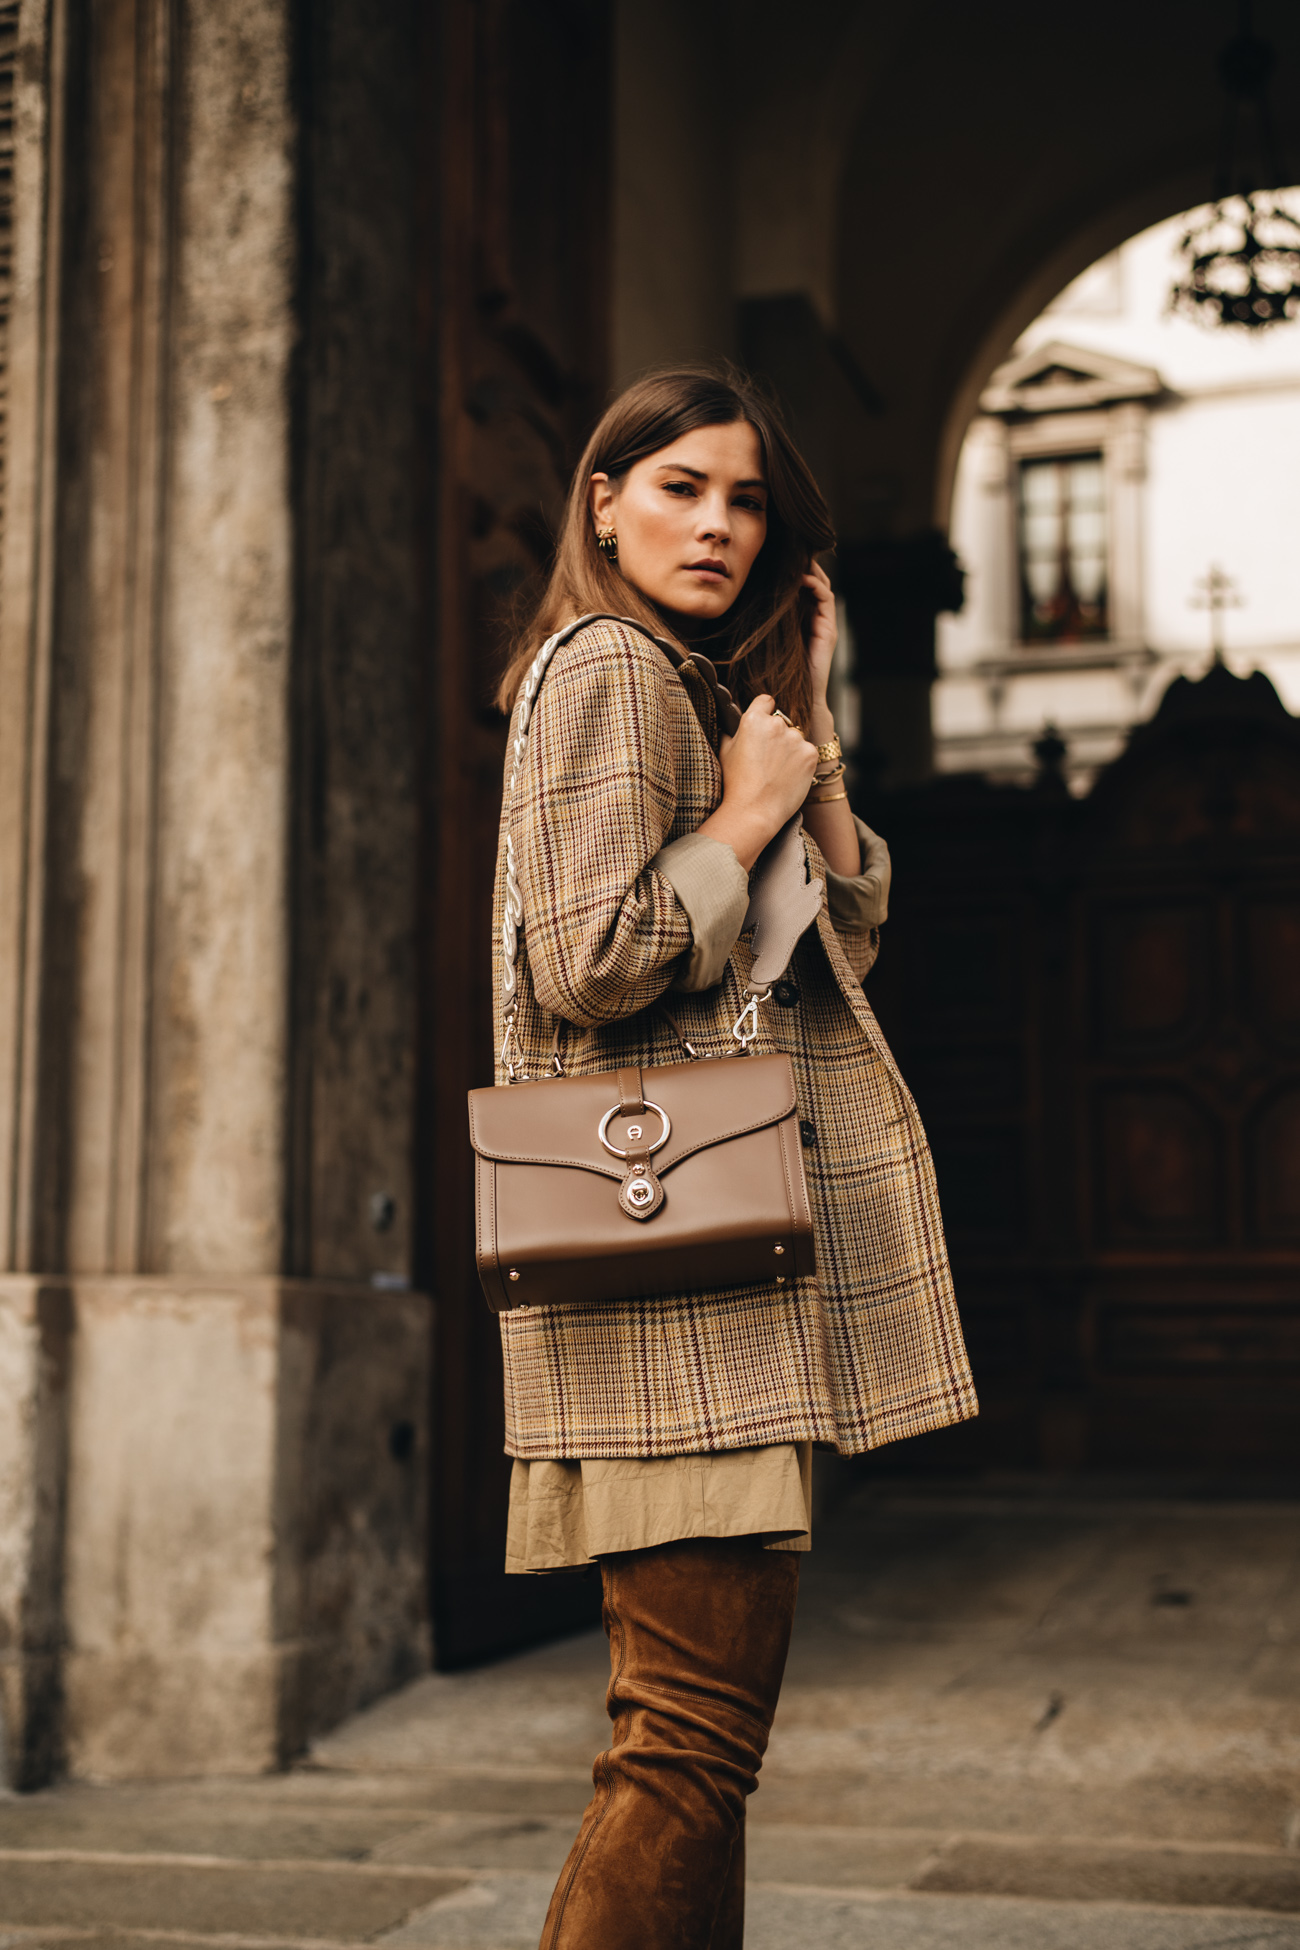 Herbst Outfit Inspiration mit Stiefeln und Kleid